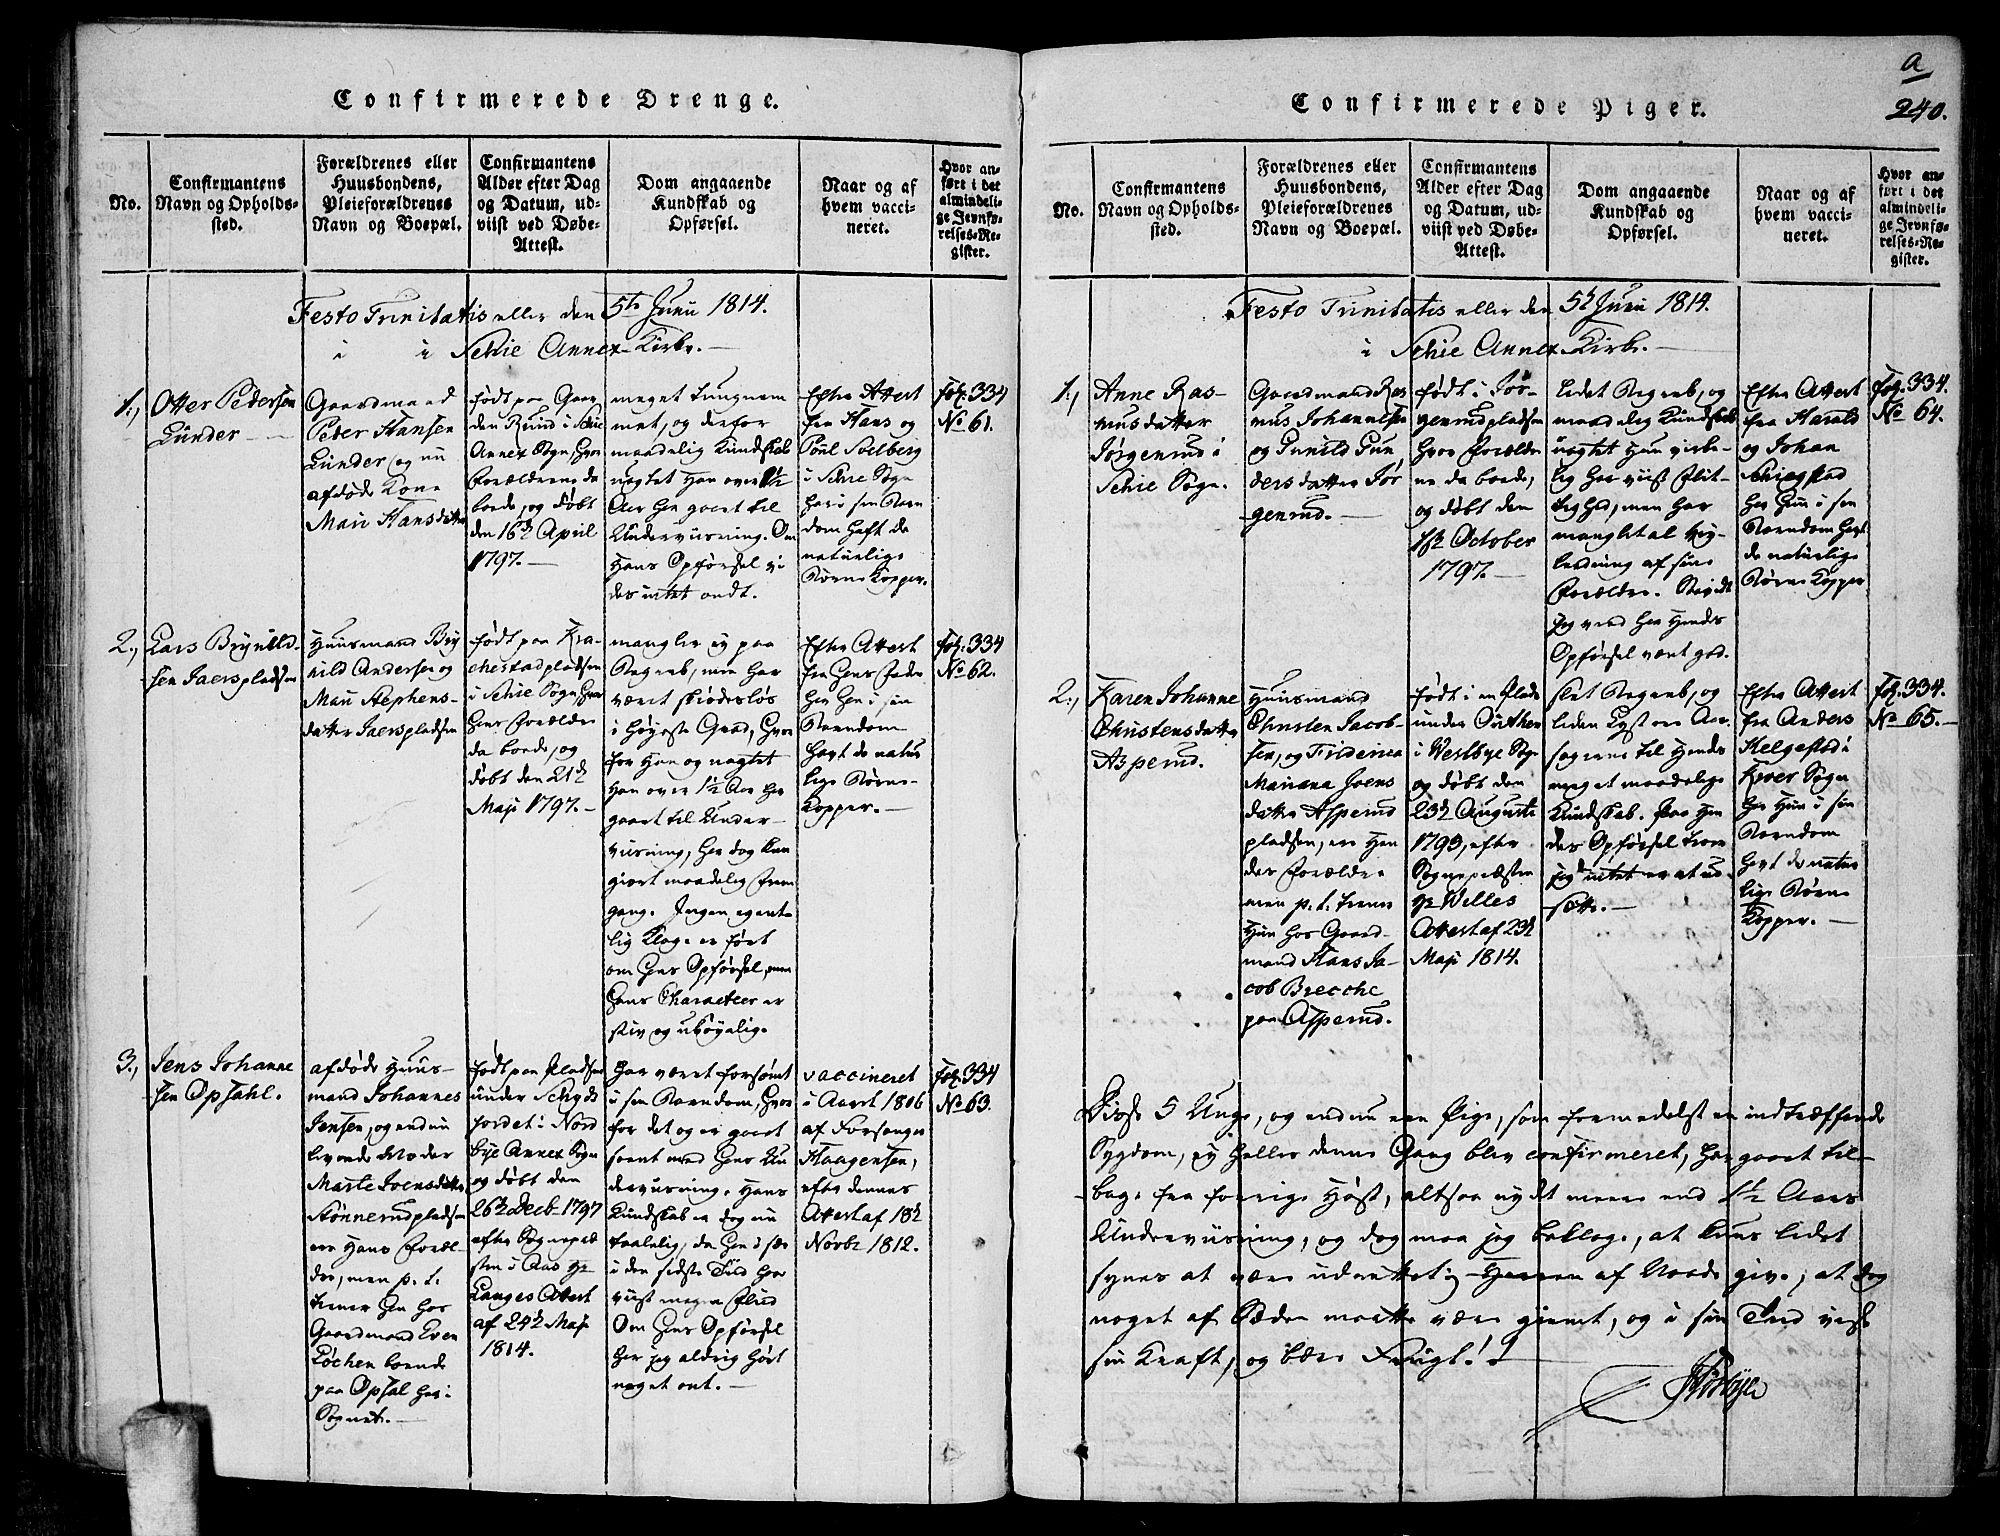 SAO, Kråkstad prestekontor Kirkebøker, F/Fa/L0003: Ministerialbok nr. I 3, 1813-1824, s. 240a